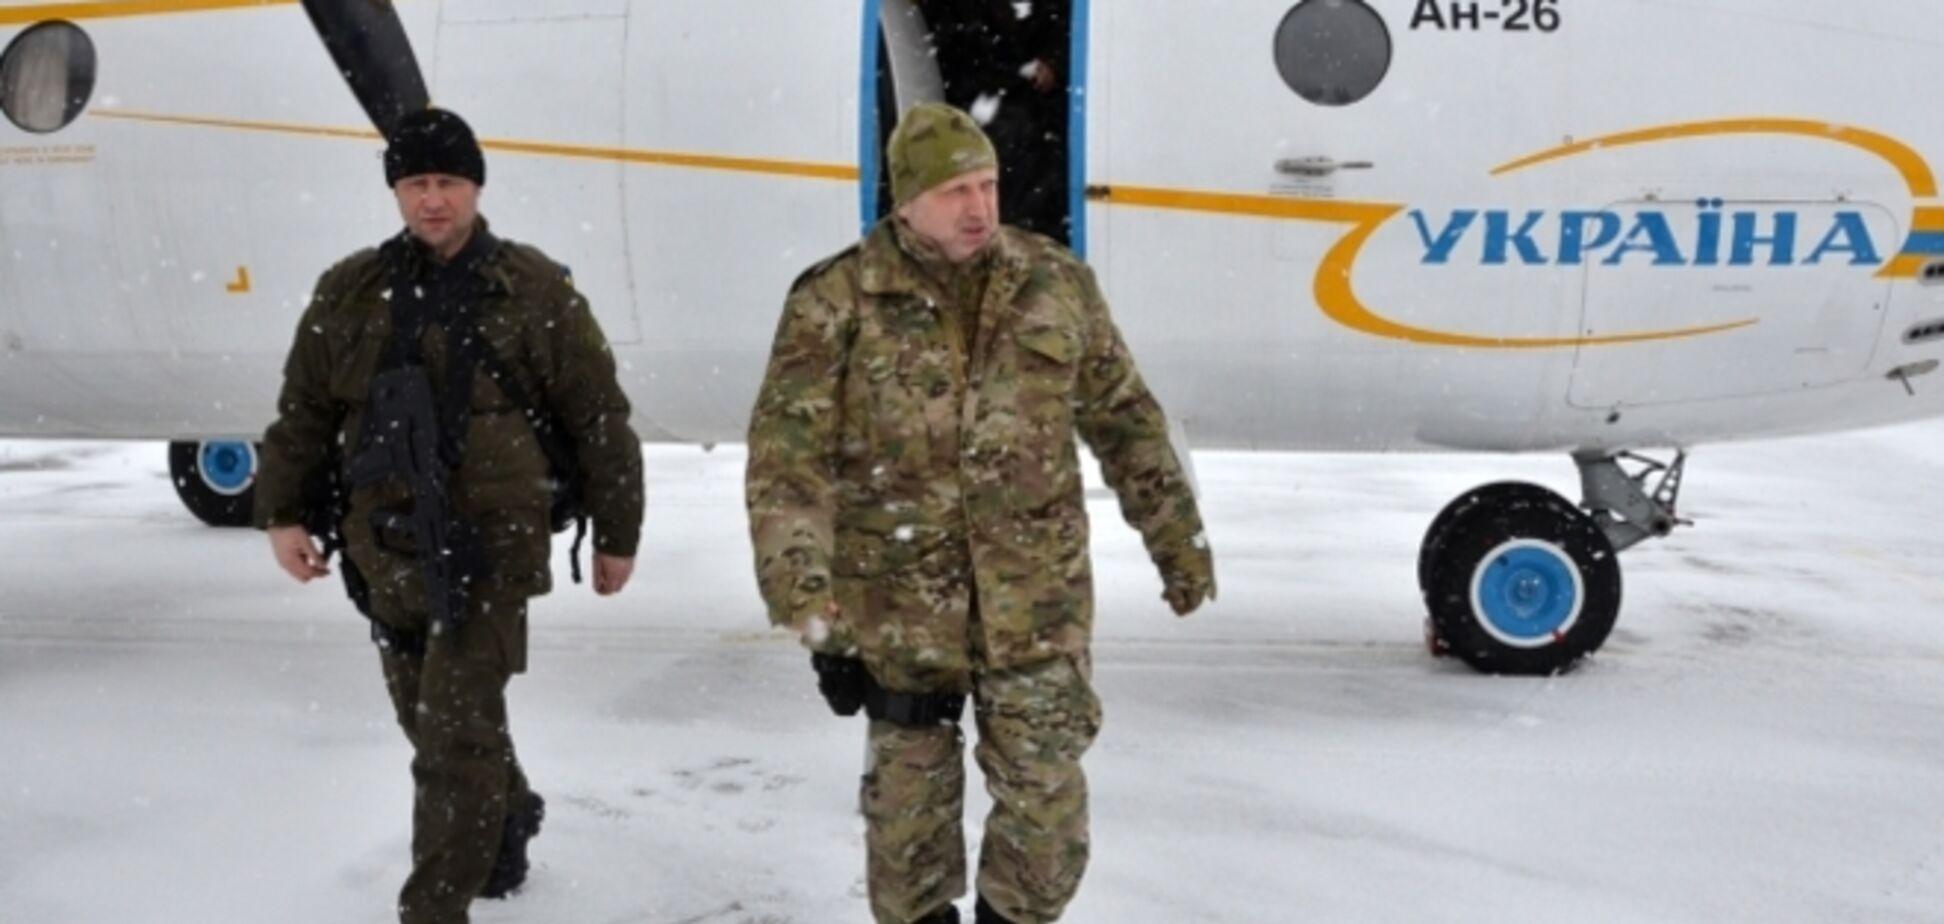 Турчинов экстренно выехал в зону АТО: опубликованы фото